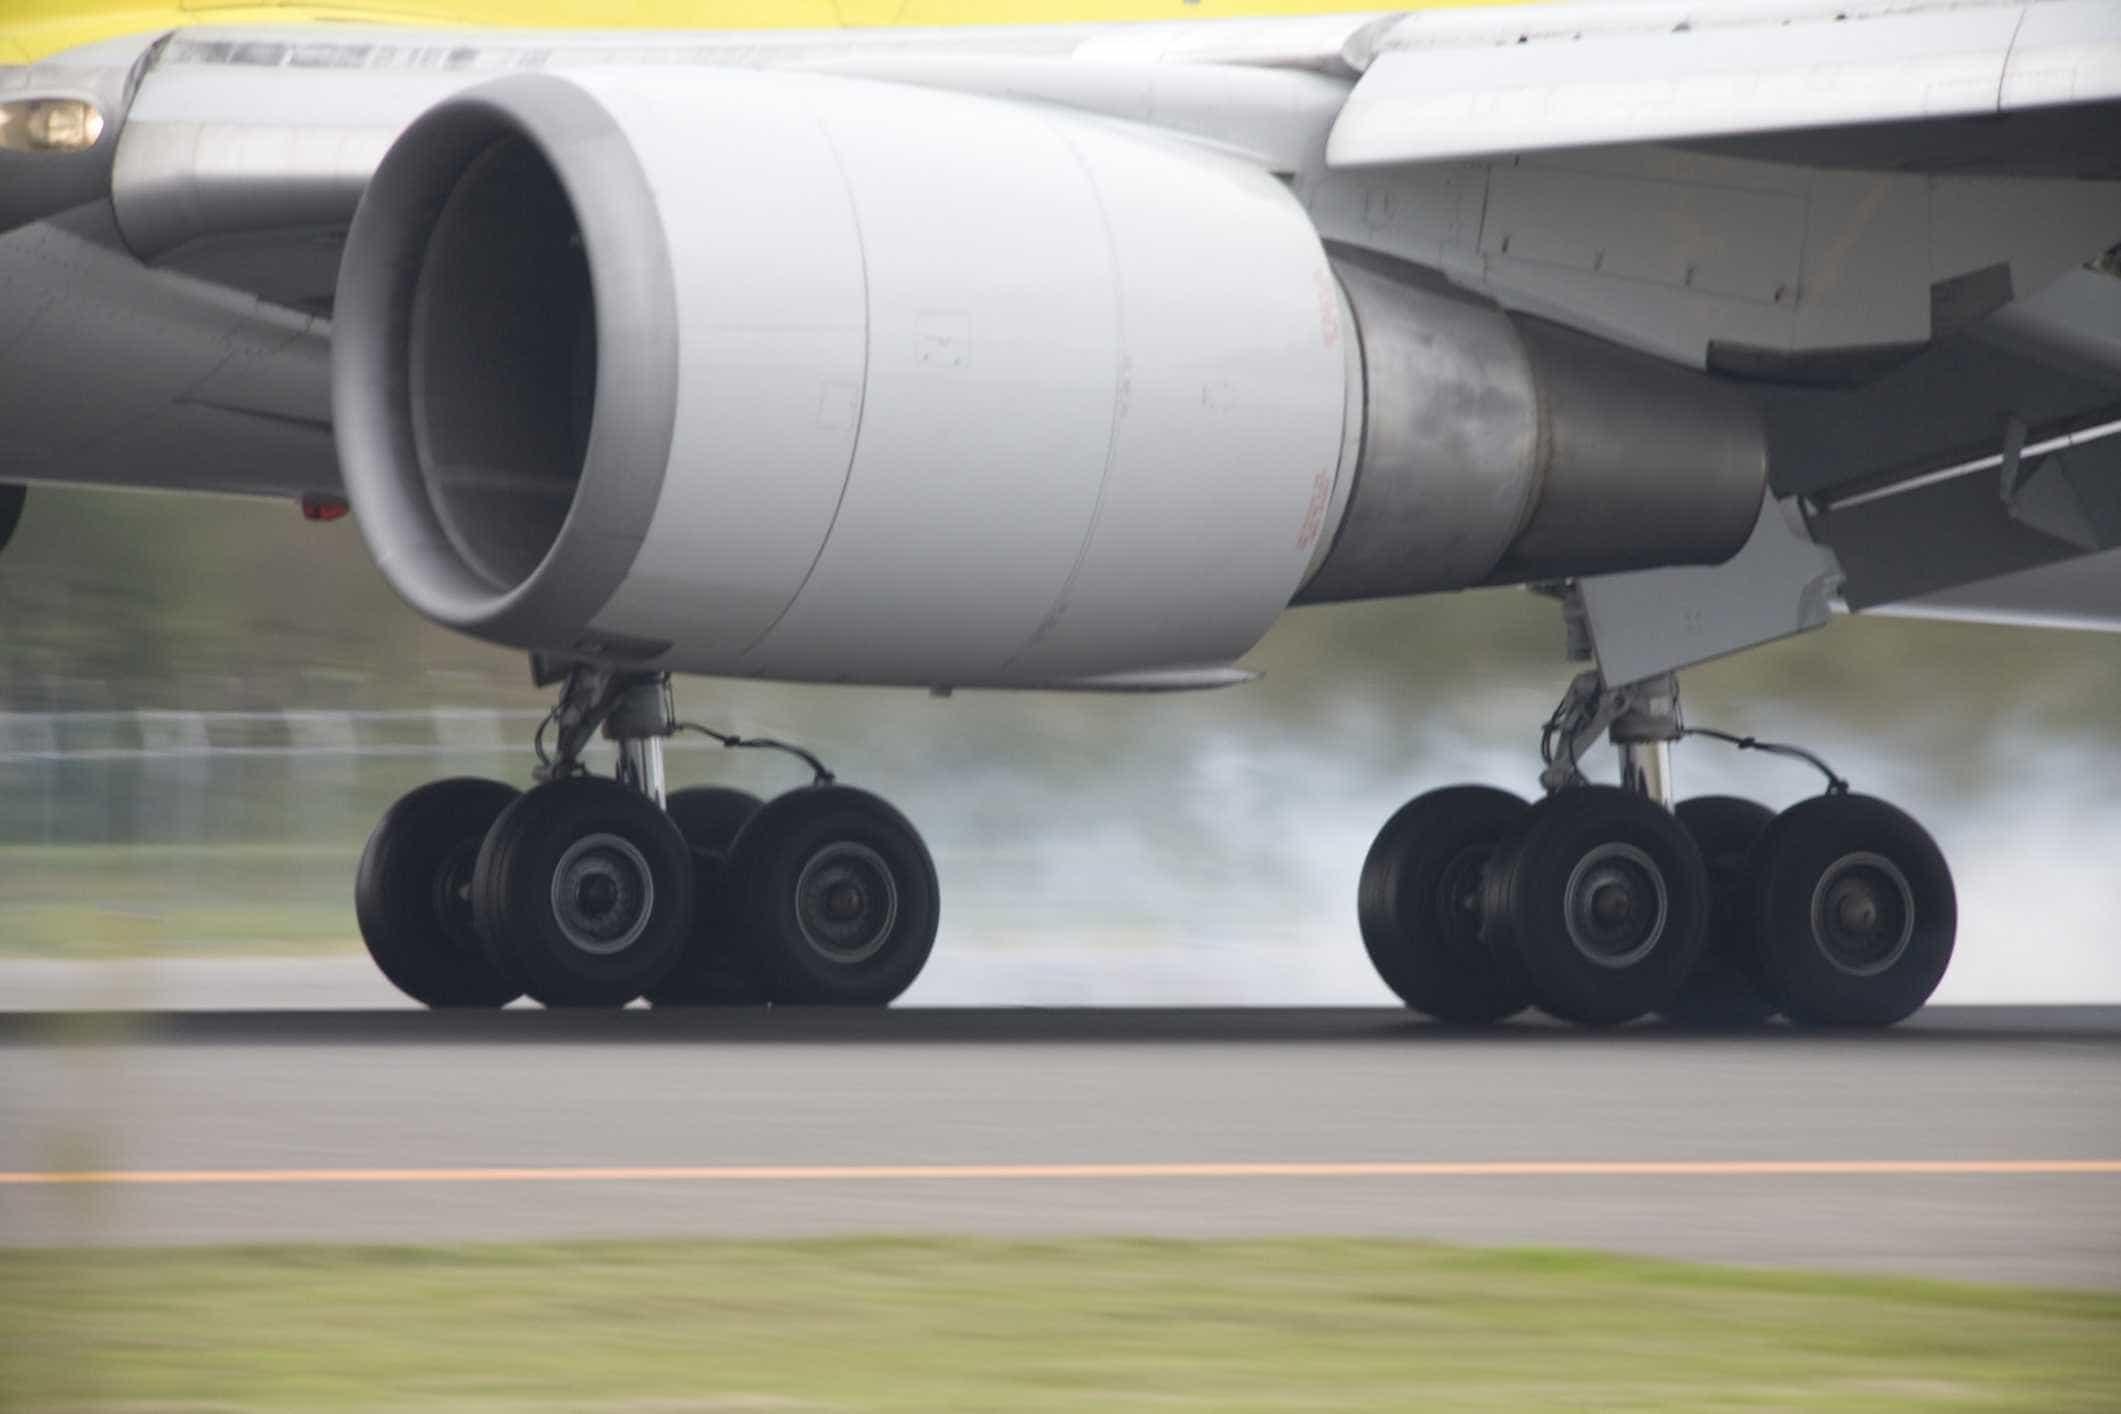 Homem que dizia ter bomba tentou desviar avião que seguia para o Dubai